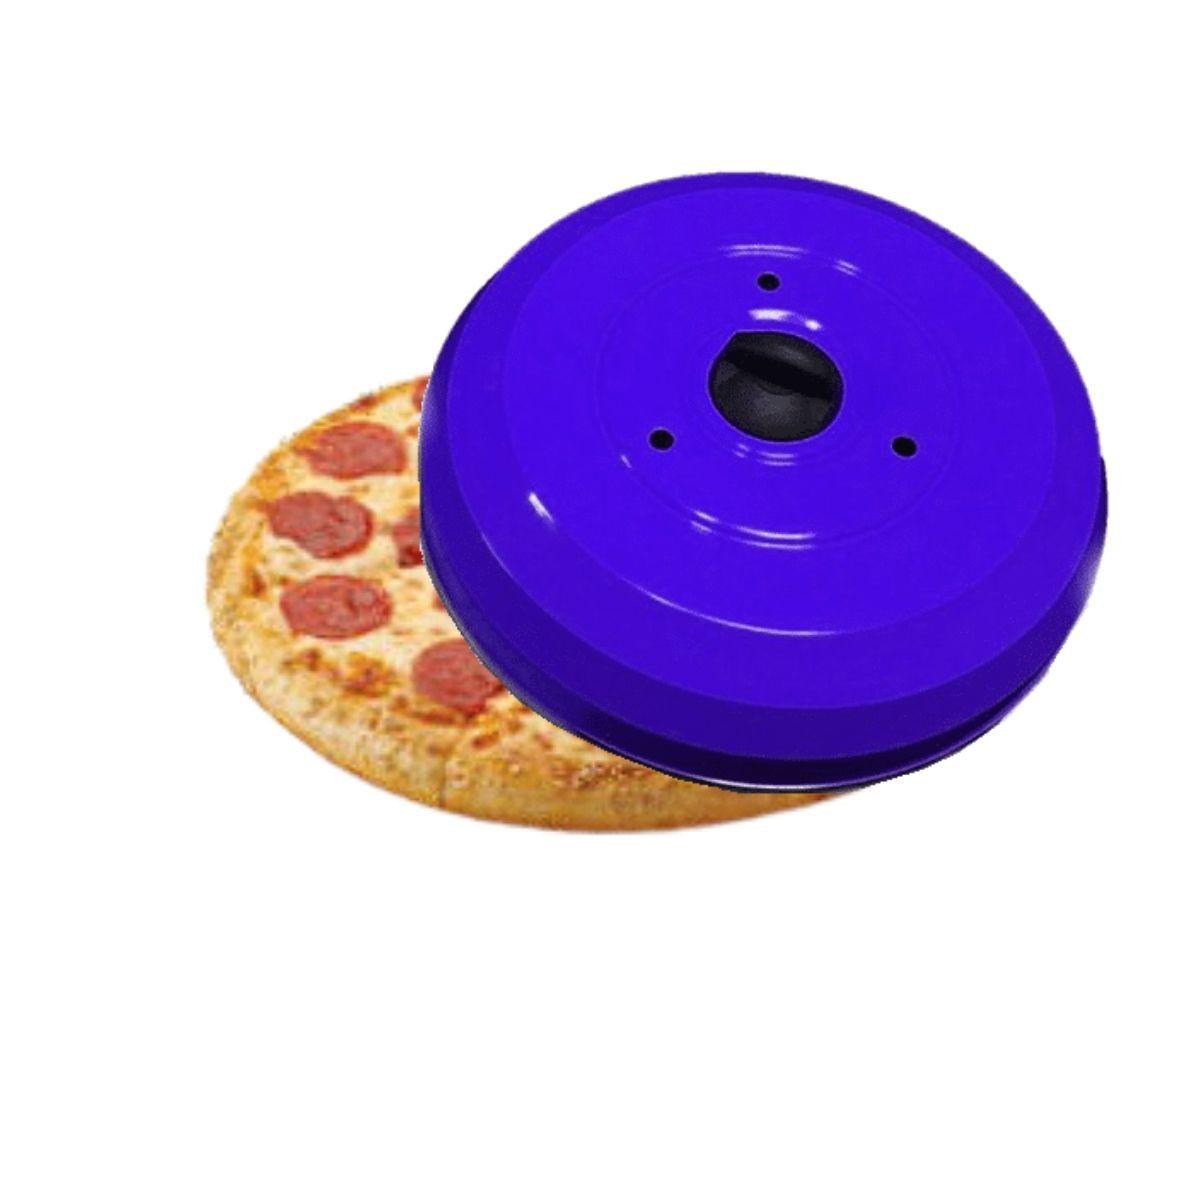 Kit Profissional Para Pizzaria Com Abafador De Pizza Azul E Pá De Pizza Cabo Reforçado